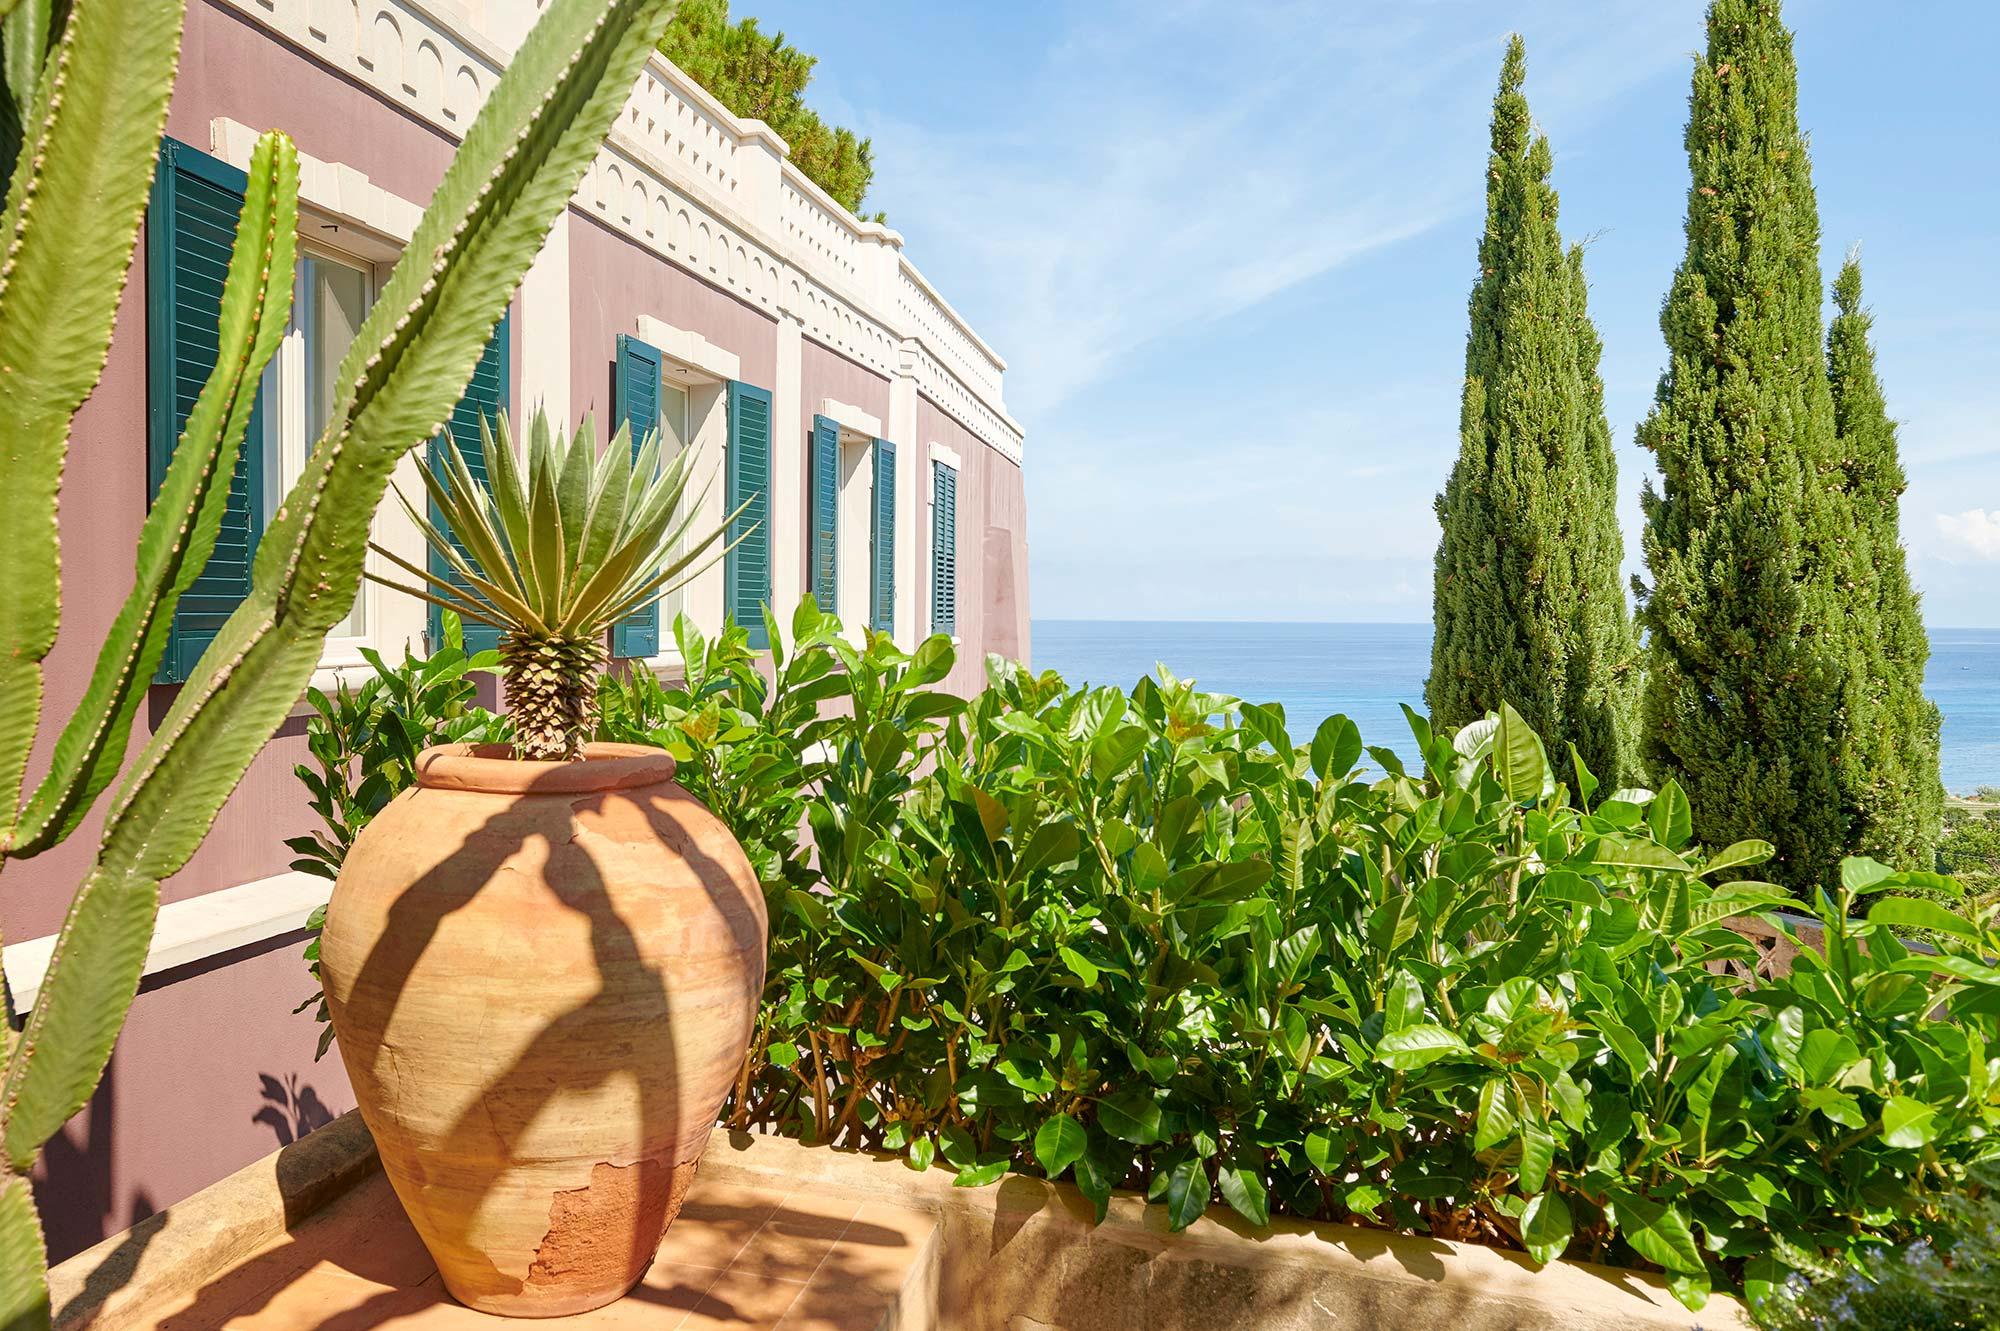 Photo de détail prise sur une terrasse avec une amphore en terre cuite, végétation verdoyante et maison typique du sud de l'Italie